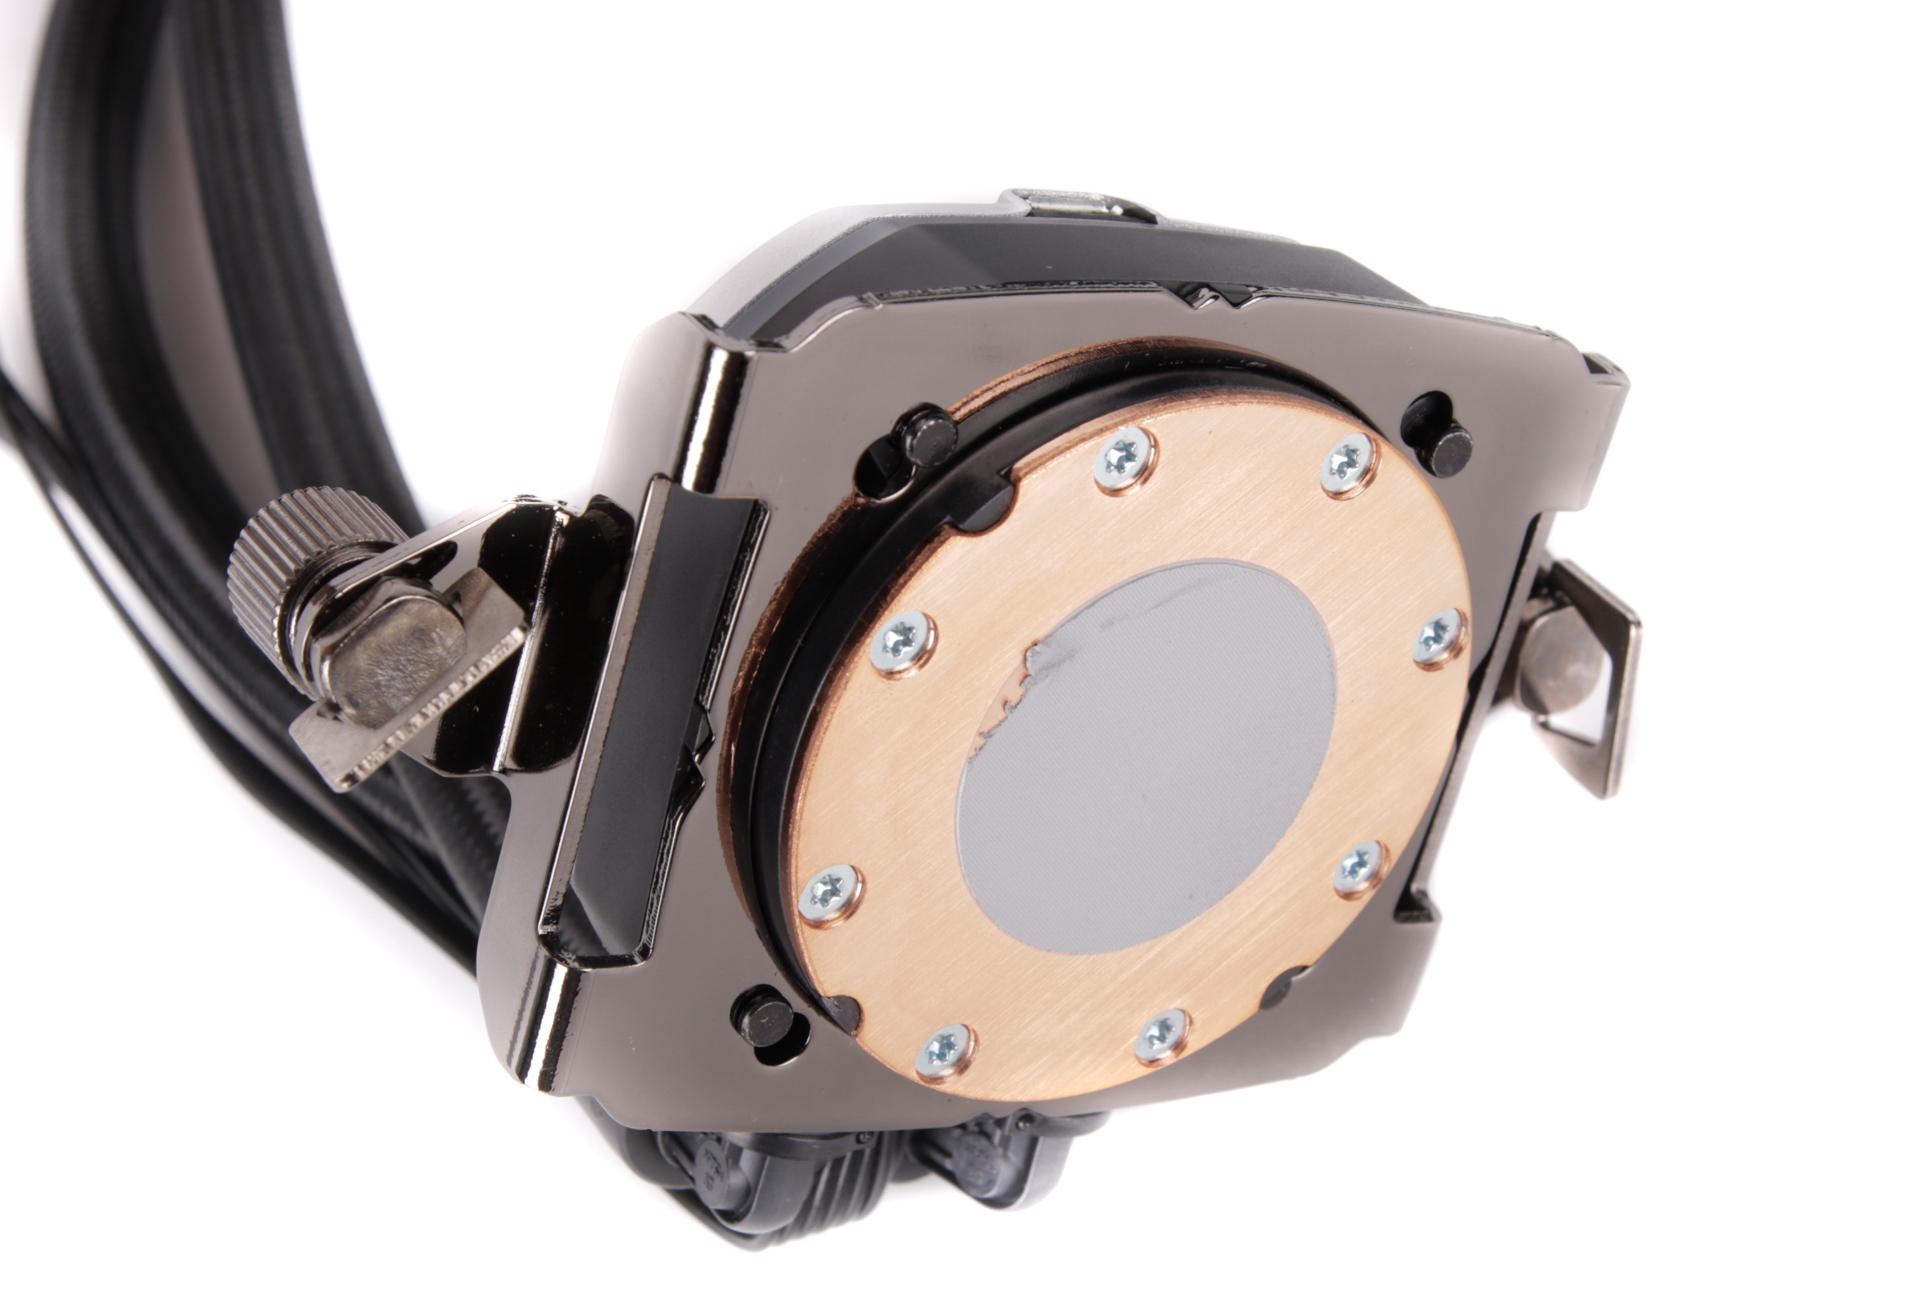 Corsair H100i Pro RGB Review | bit-tech net